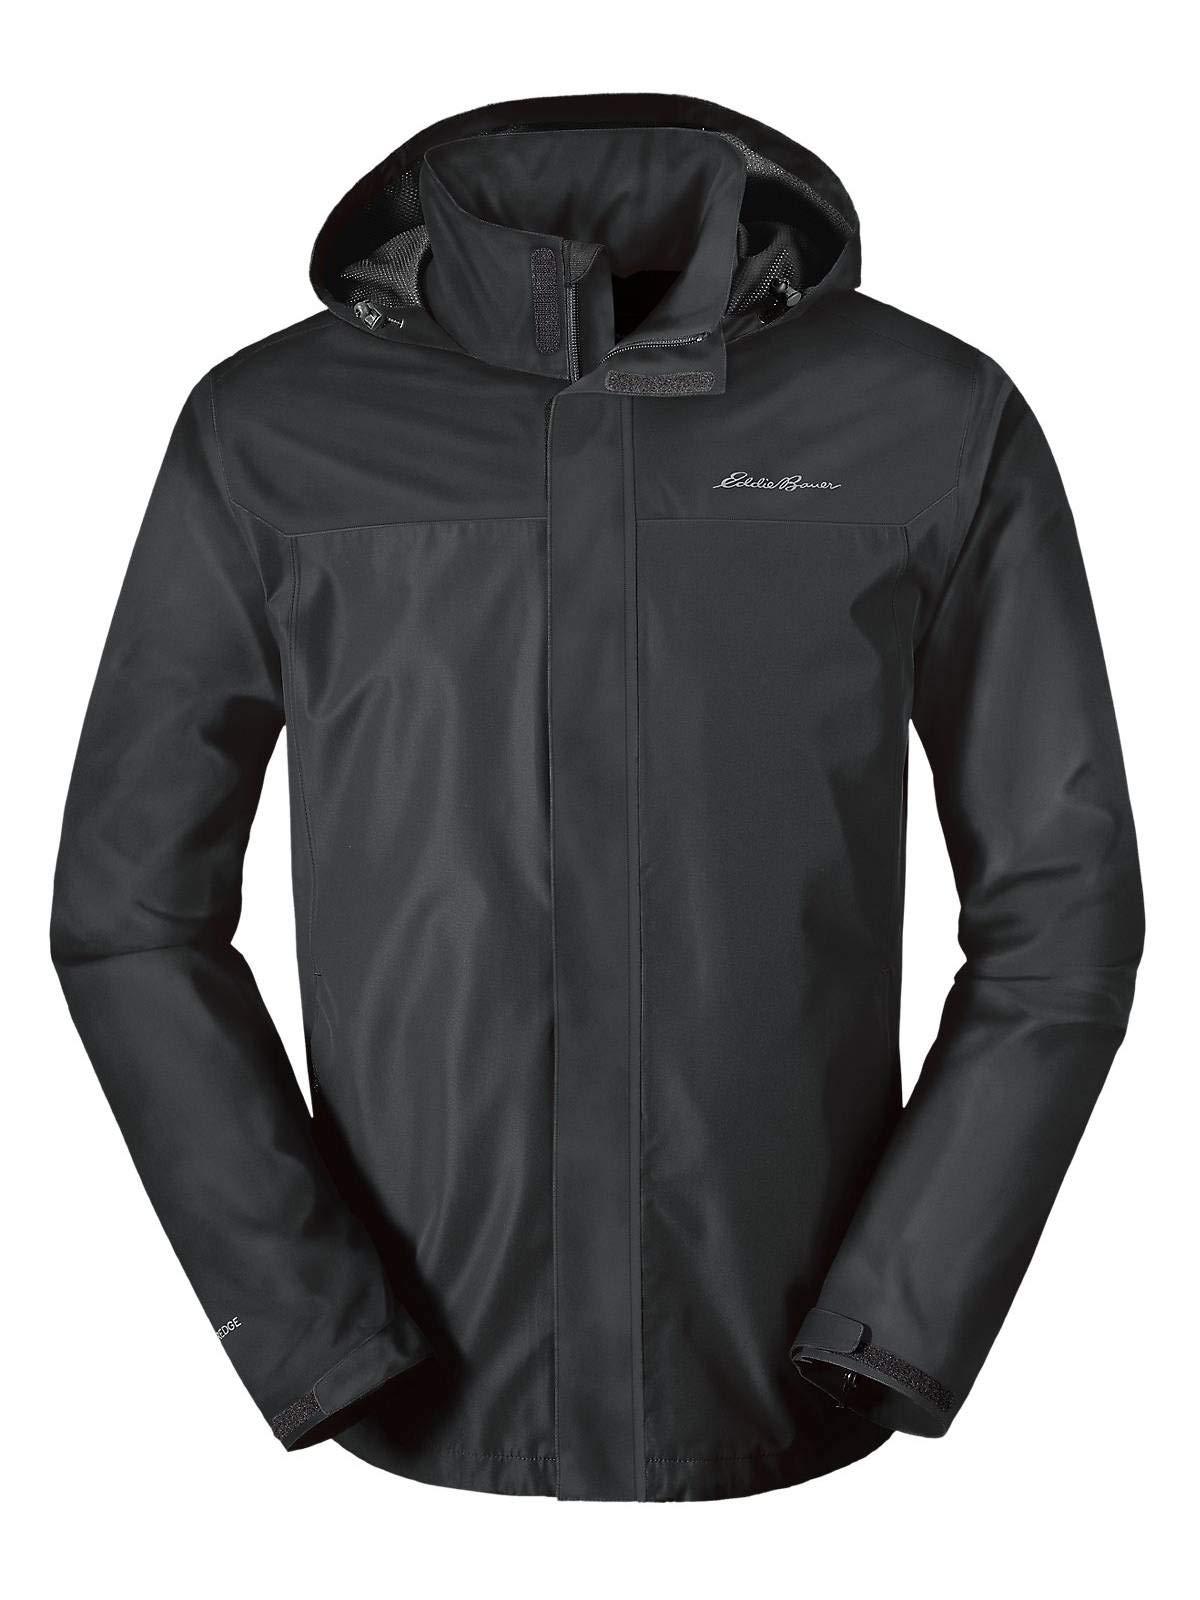 Eddie Bauer Men's Rainfoil Packable Jacket, Dk Smoke Tall XL